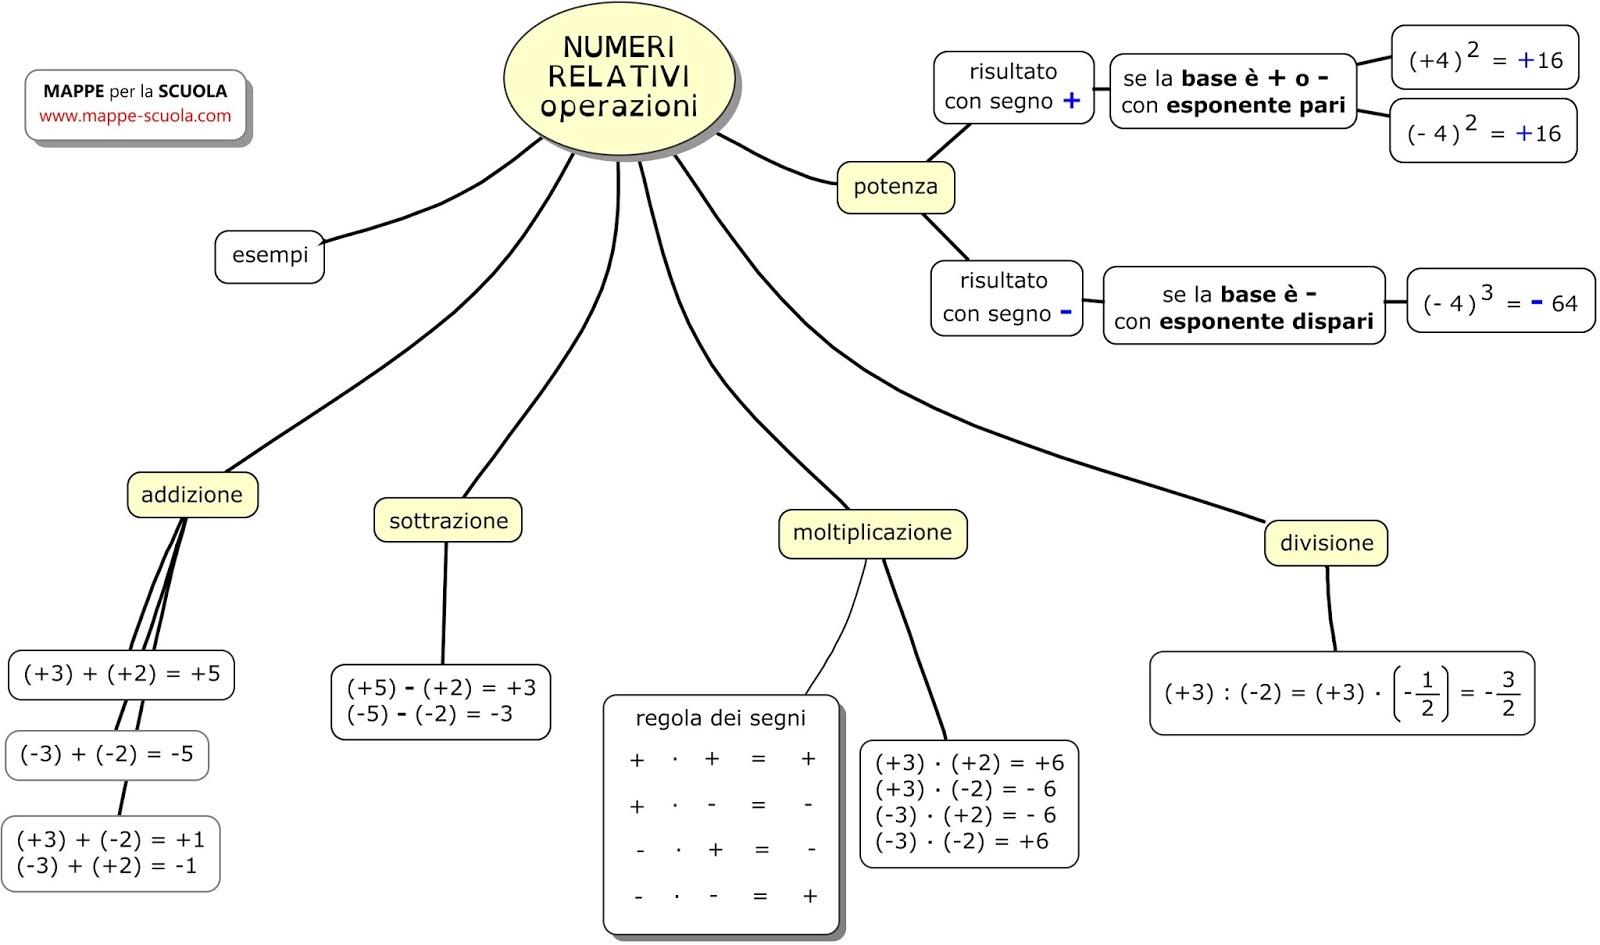 A didatica e as tendencias em educação matemática na formação do professor de matemática 2